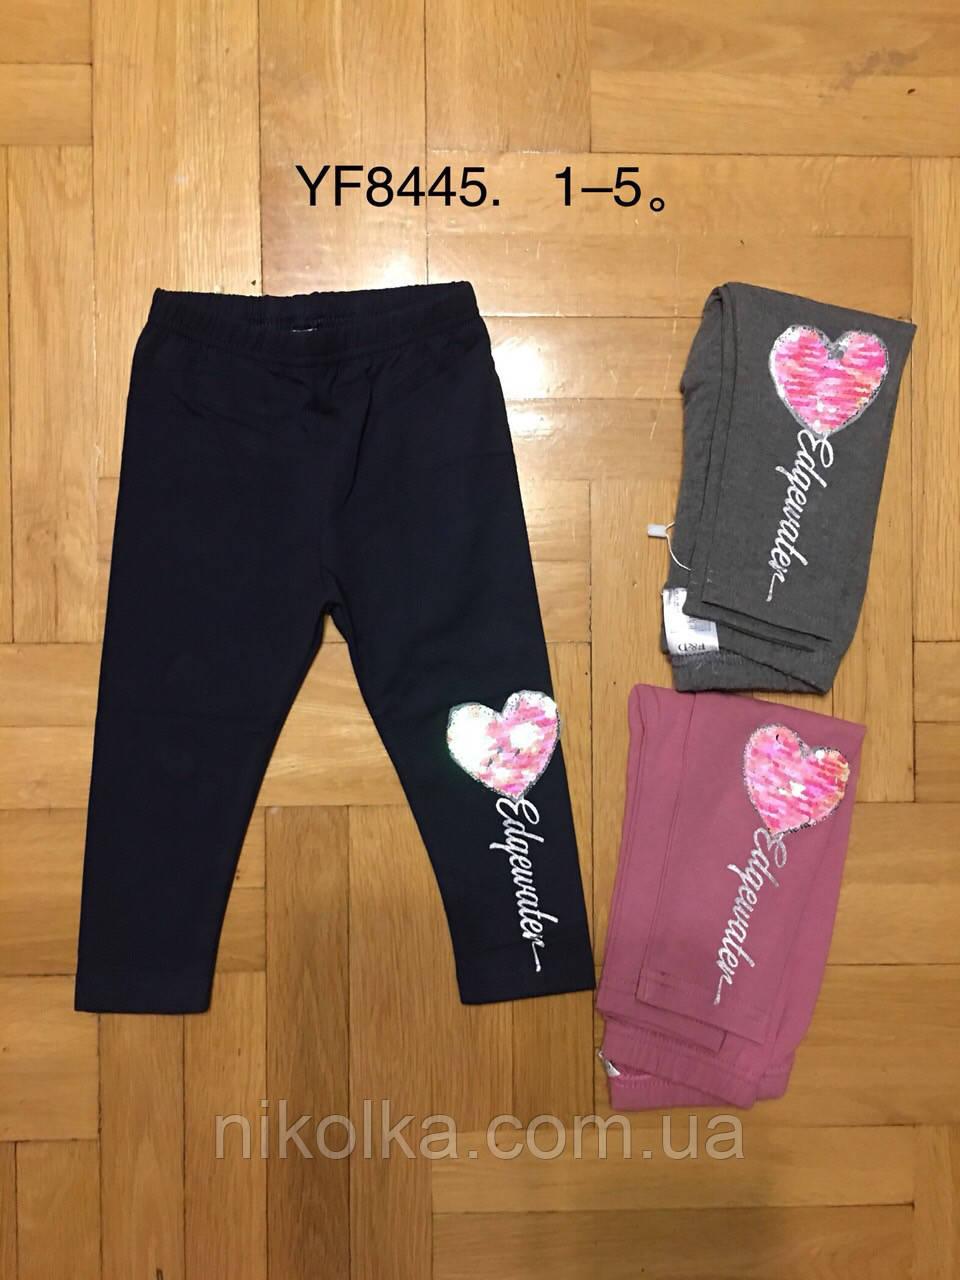 Лосины для девочек оптом, F&D, 1-5 лет.,арт.YF8445